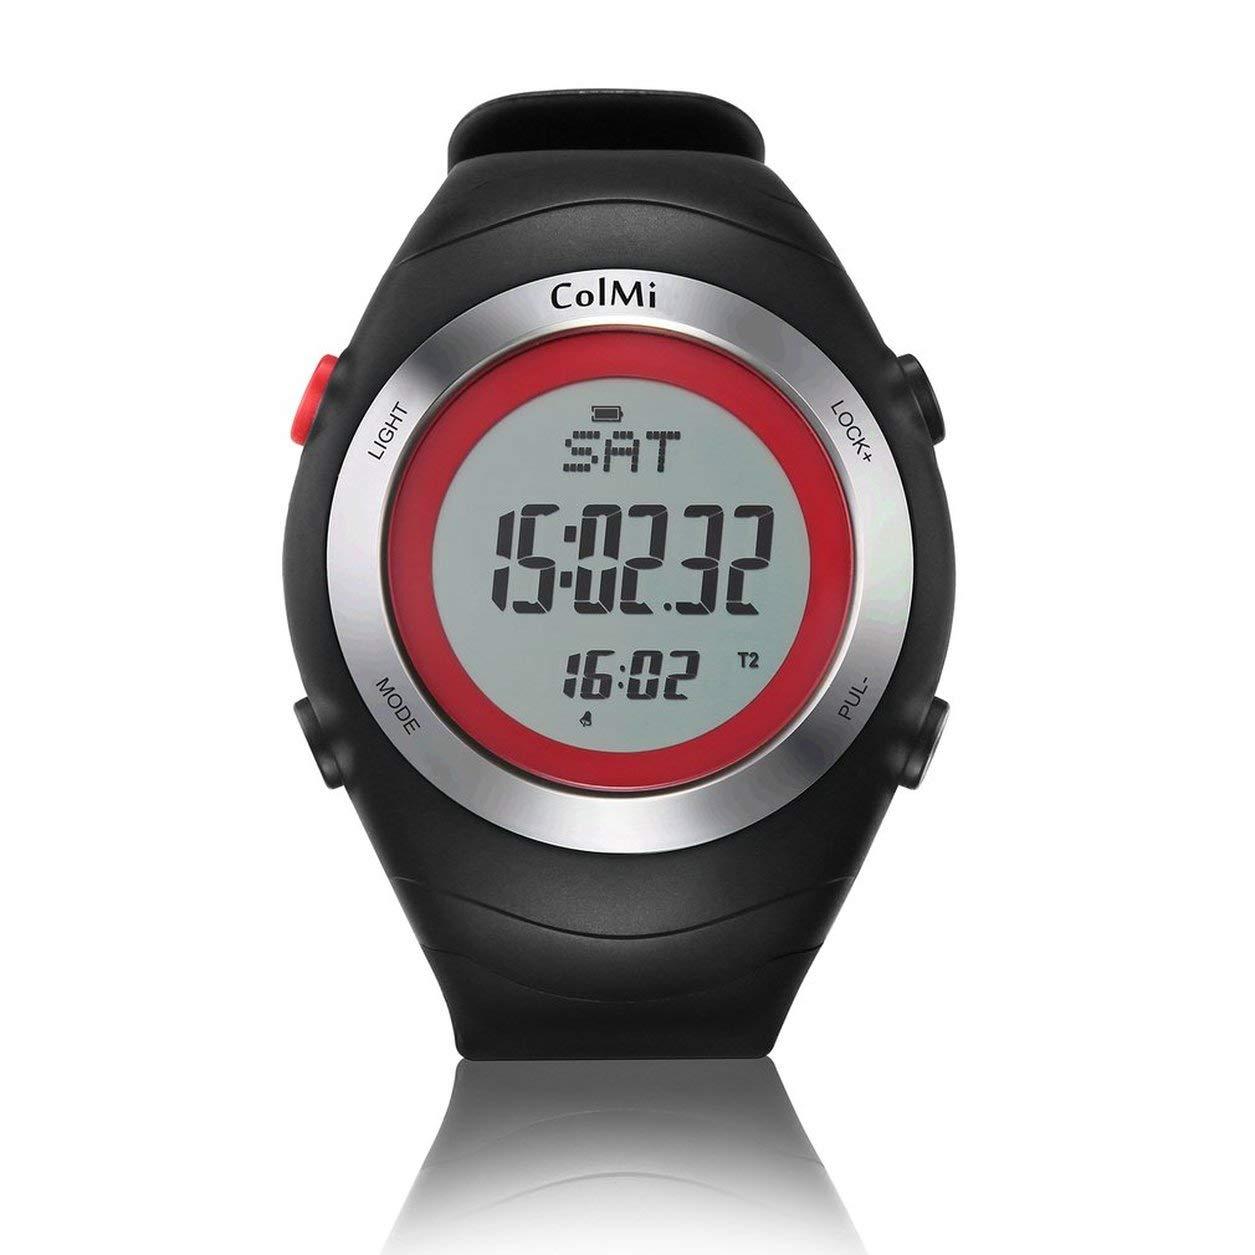 Dailyinshop ColMi Schnell laufende Sport Smart Watch Wasserdicht Herzfrequenz Schritte Kalorien (Farbe  rot)